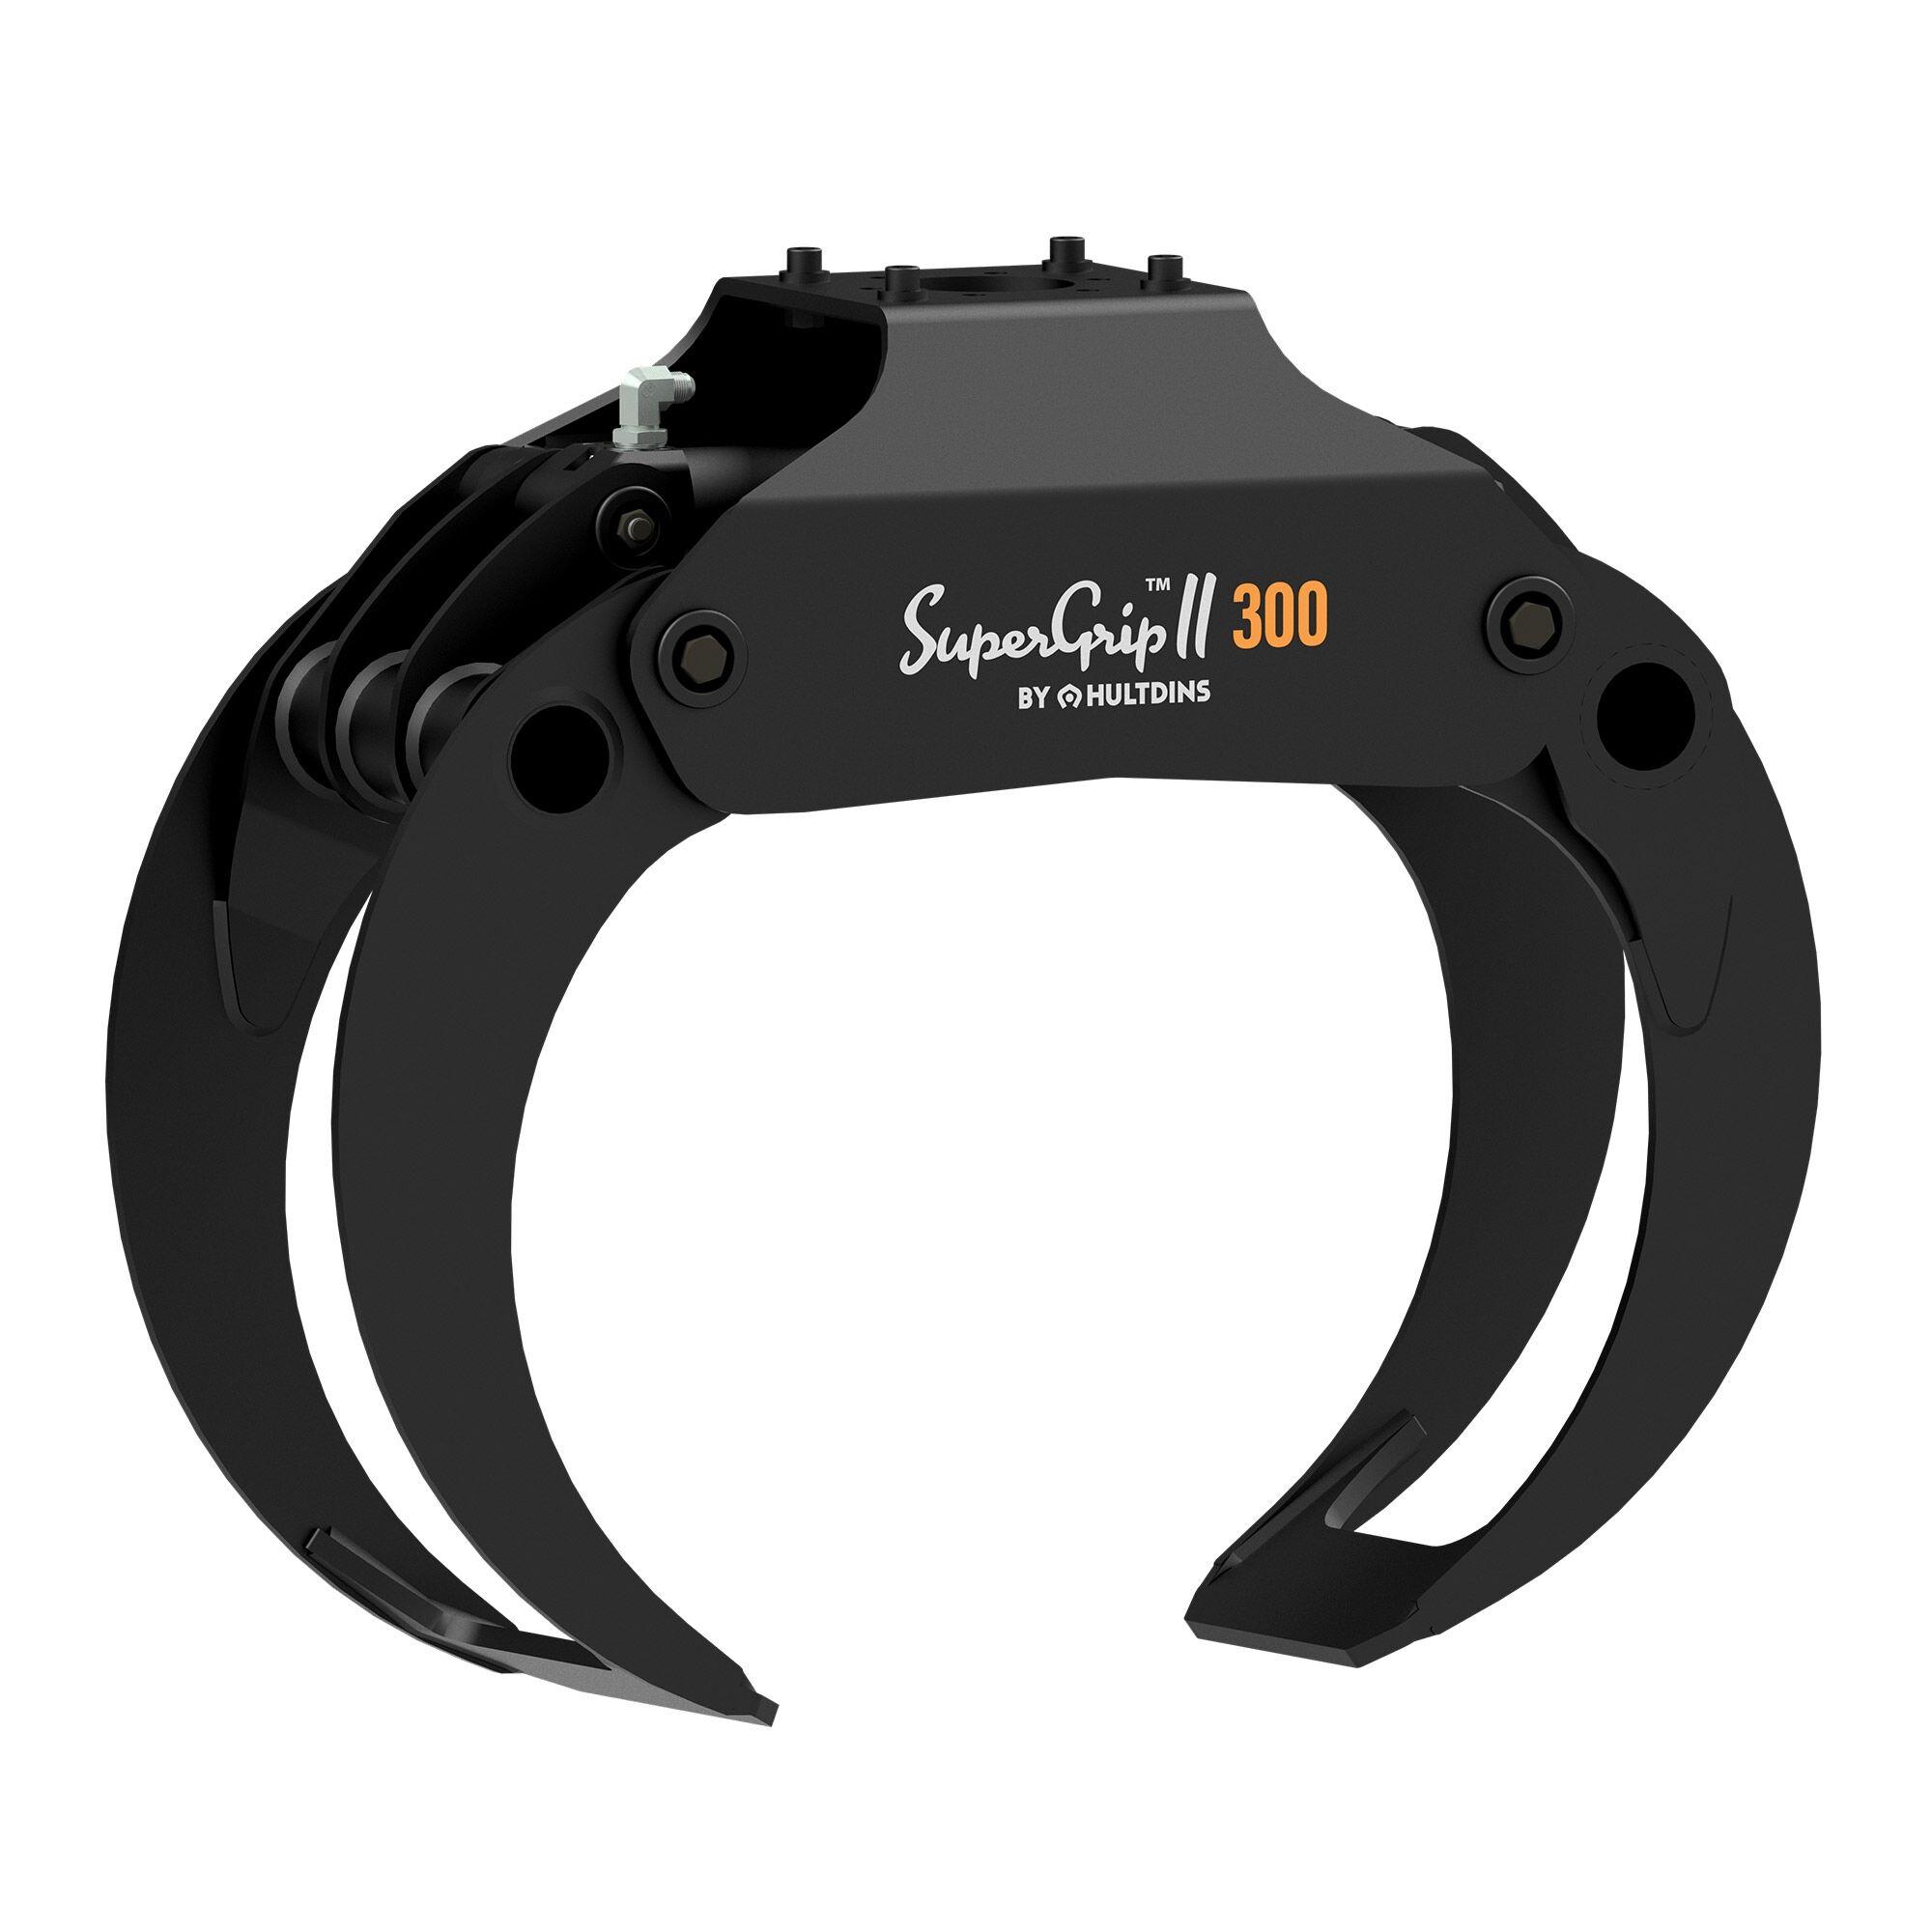 SuperGrip II 300